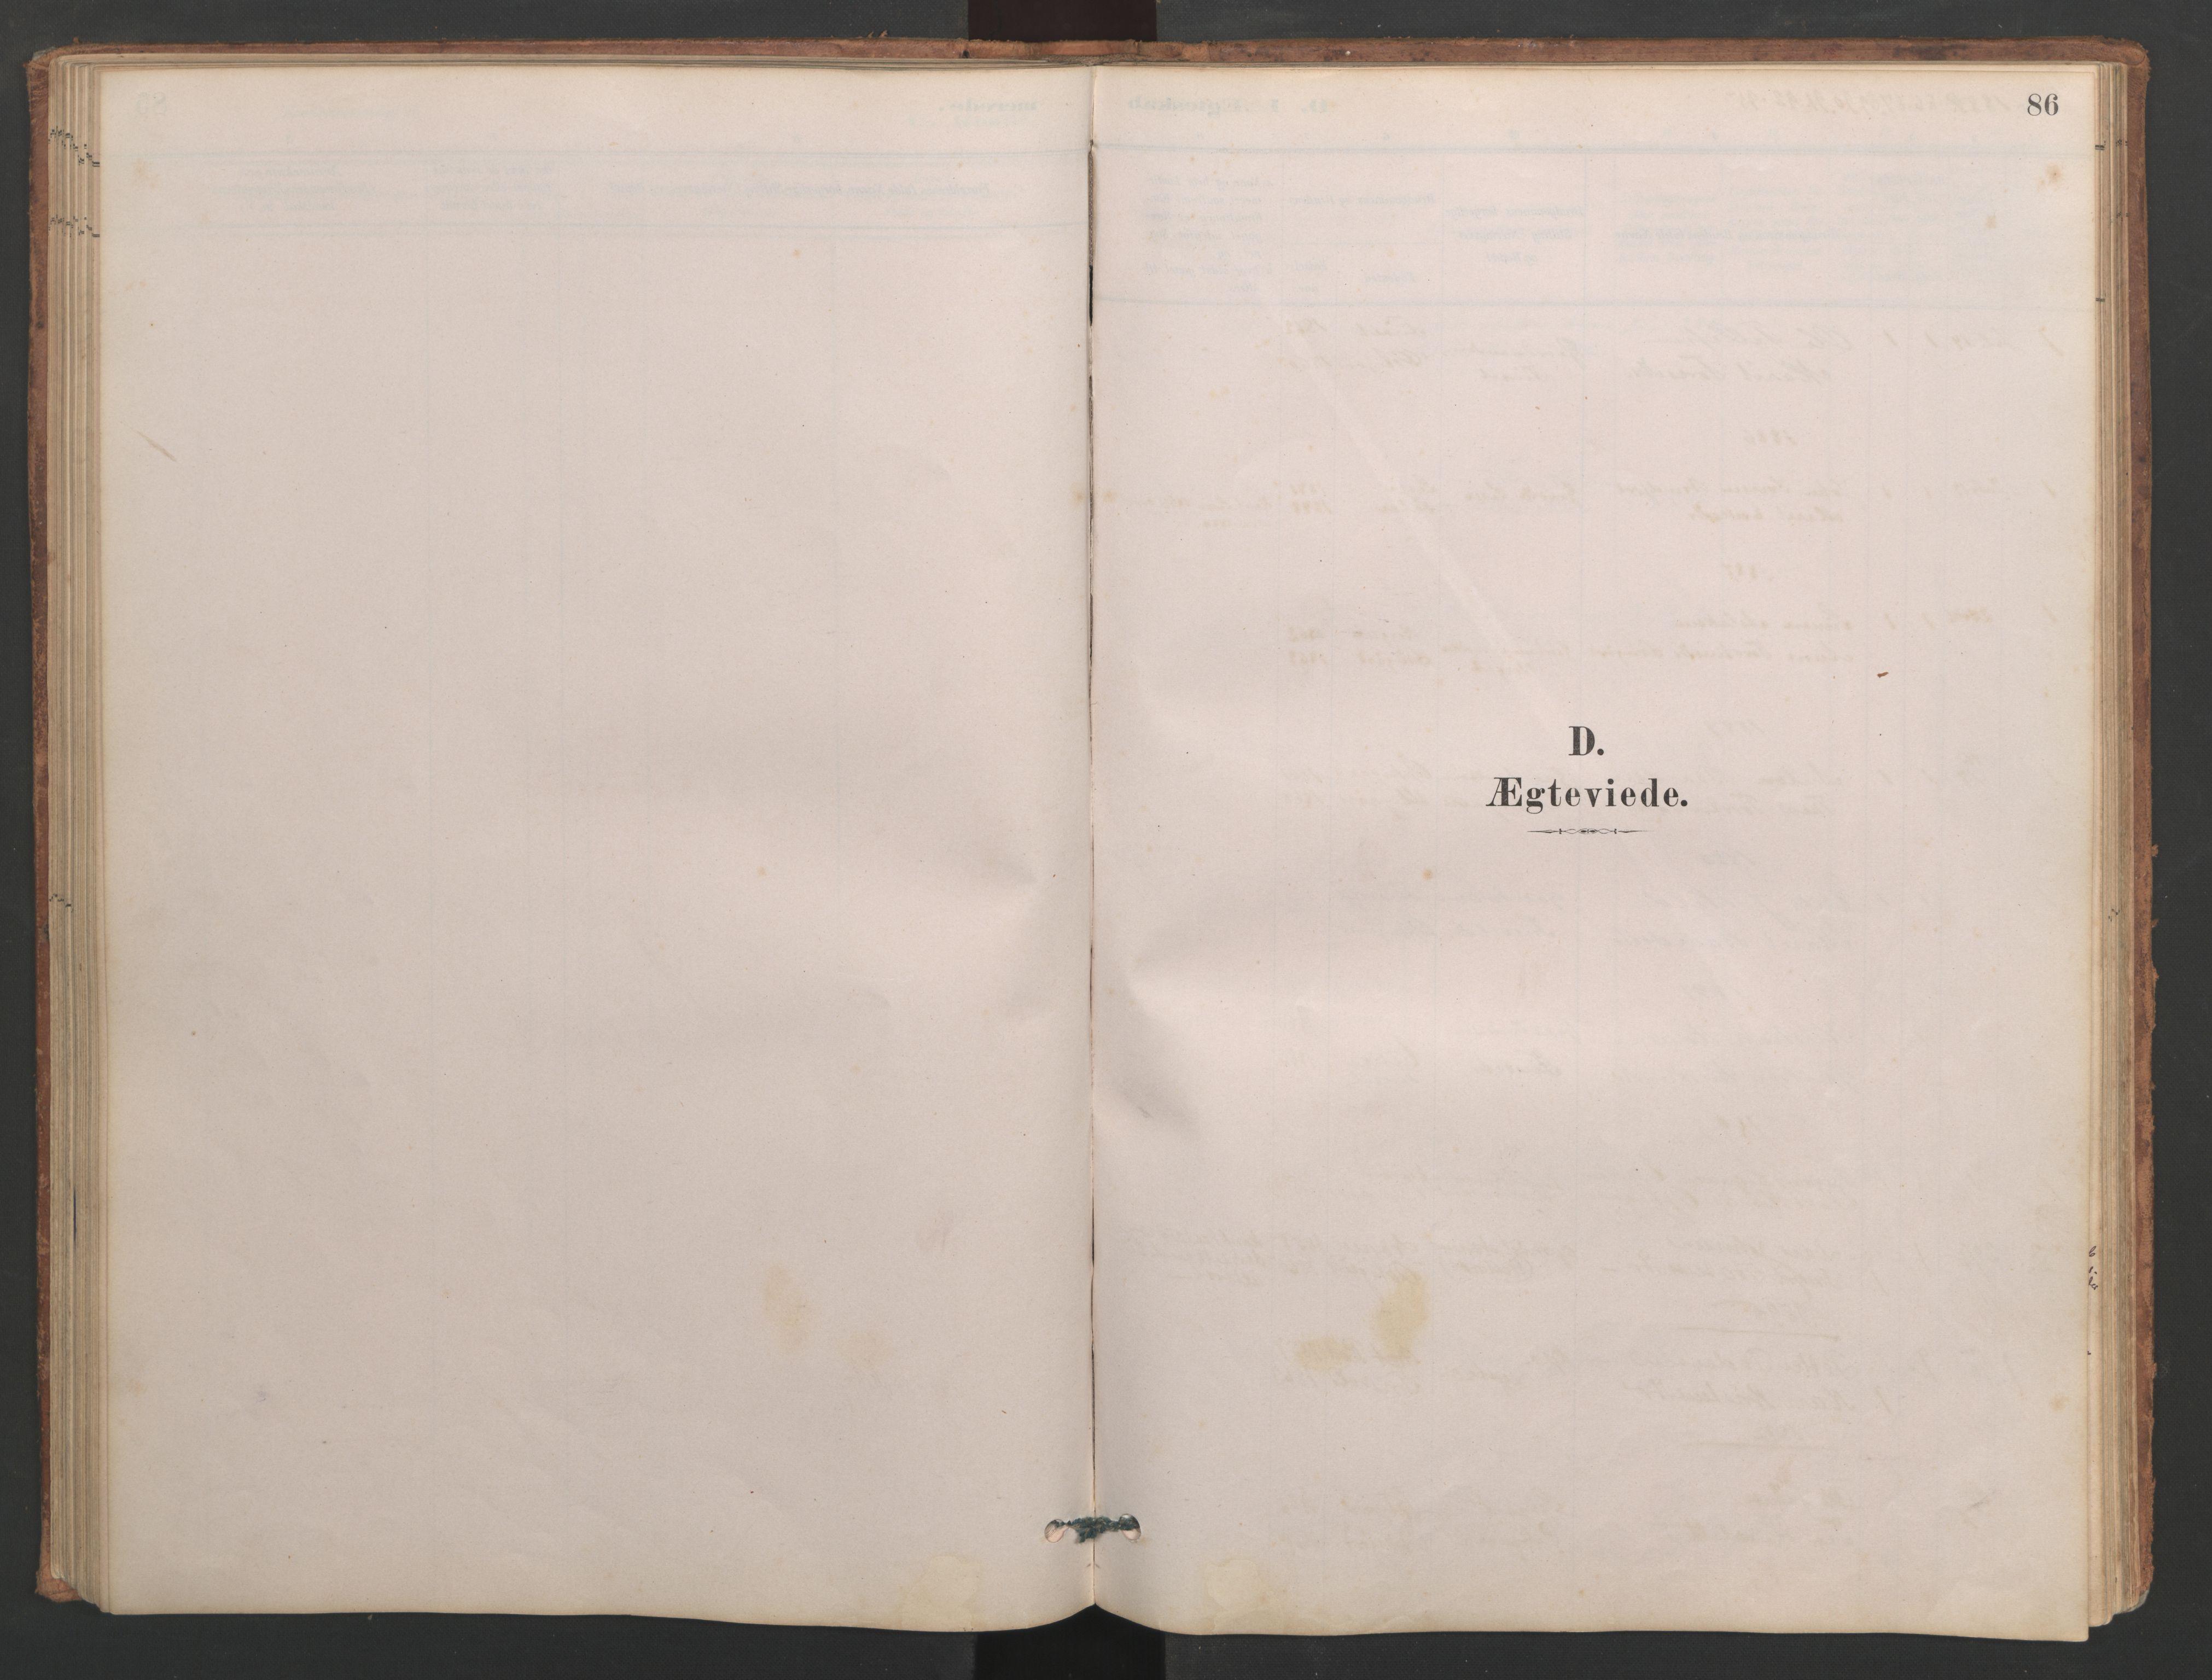 SAT, Ministerialprotokoller, klokkerbøker og fødselsregistre - Møre og Romsdal, 553/L0642: Parish register (copy) no. 553C01, 1880-1968, p. 86